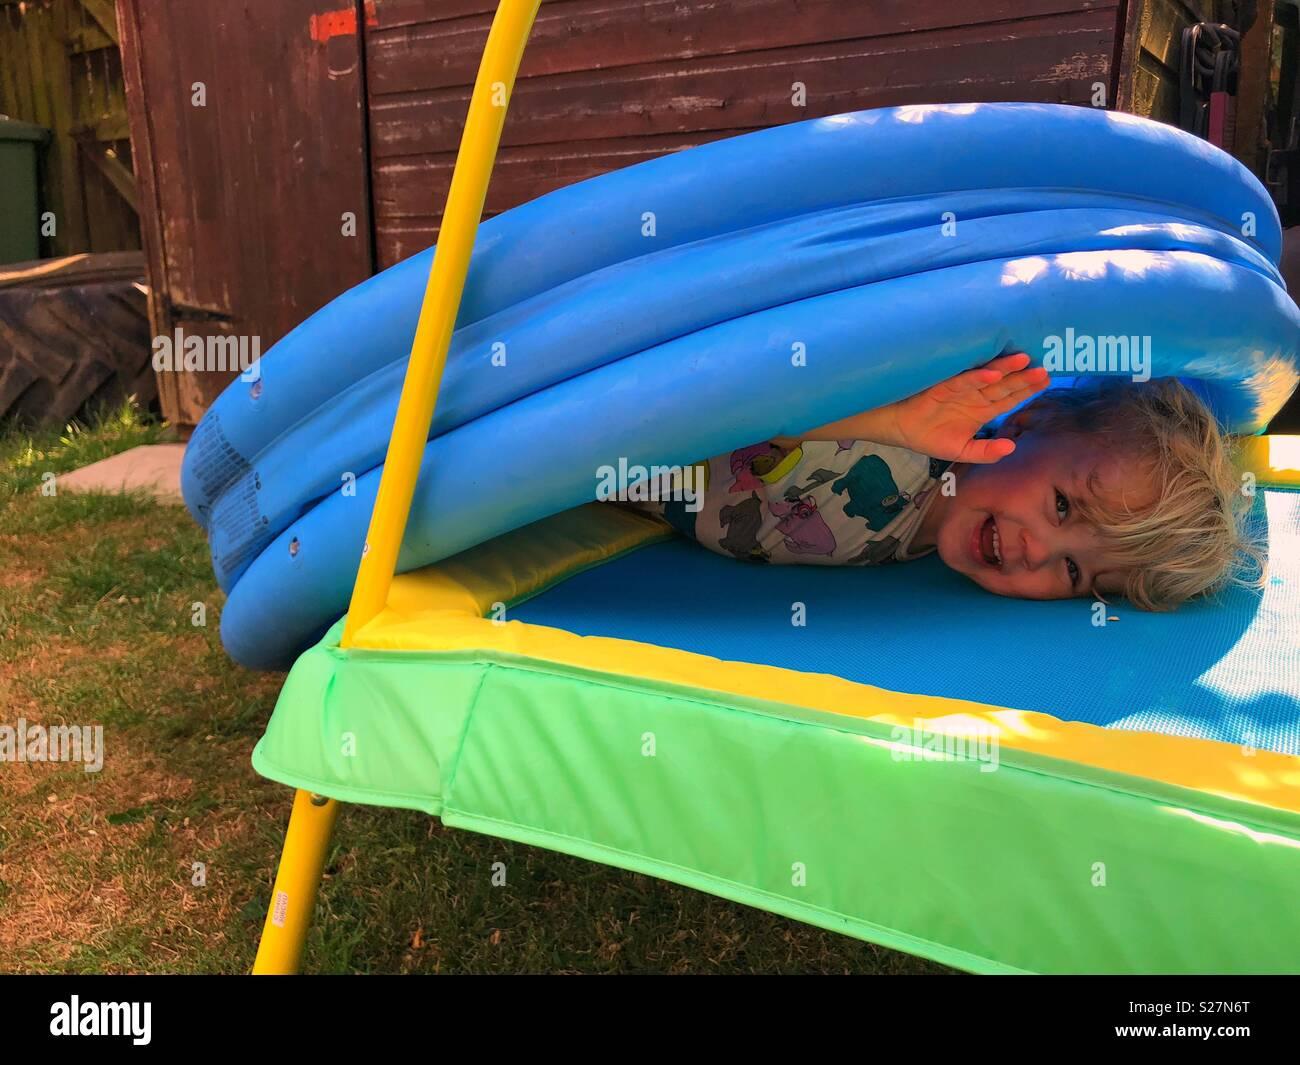 Toddler hiding in the garden - Stock Image